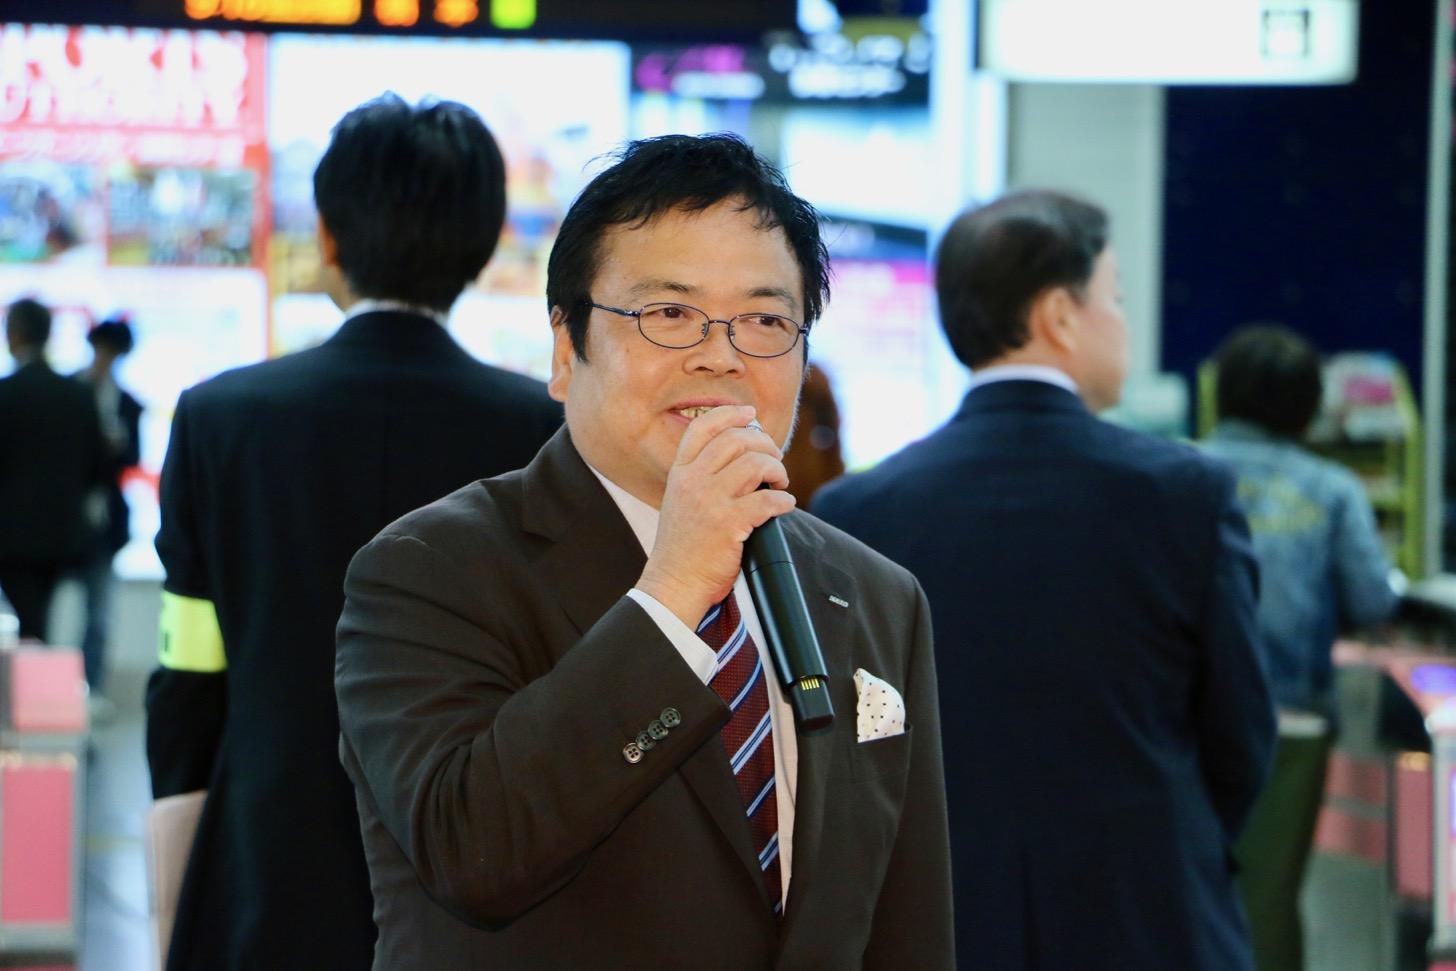 京王電鉄株式会社 常務取締役 鉄道事業本部長 仲岡 一紀さん